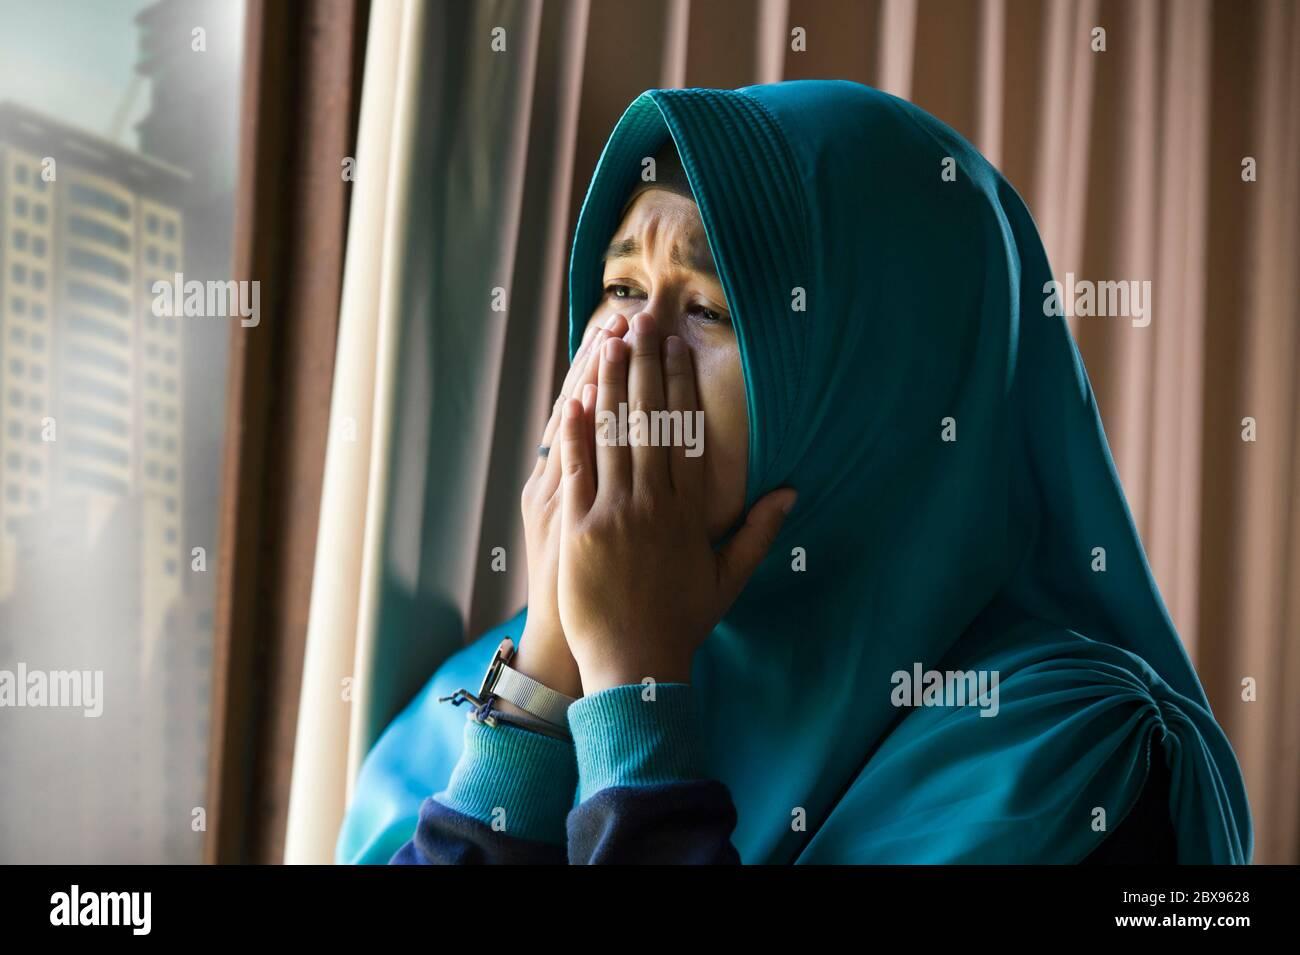 Woman Hijab Sad High Resolution Stock Photography And Images Alamy